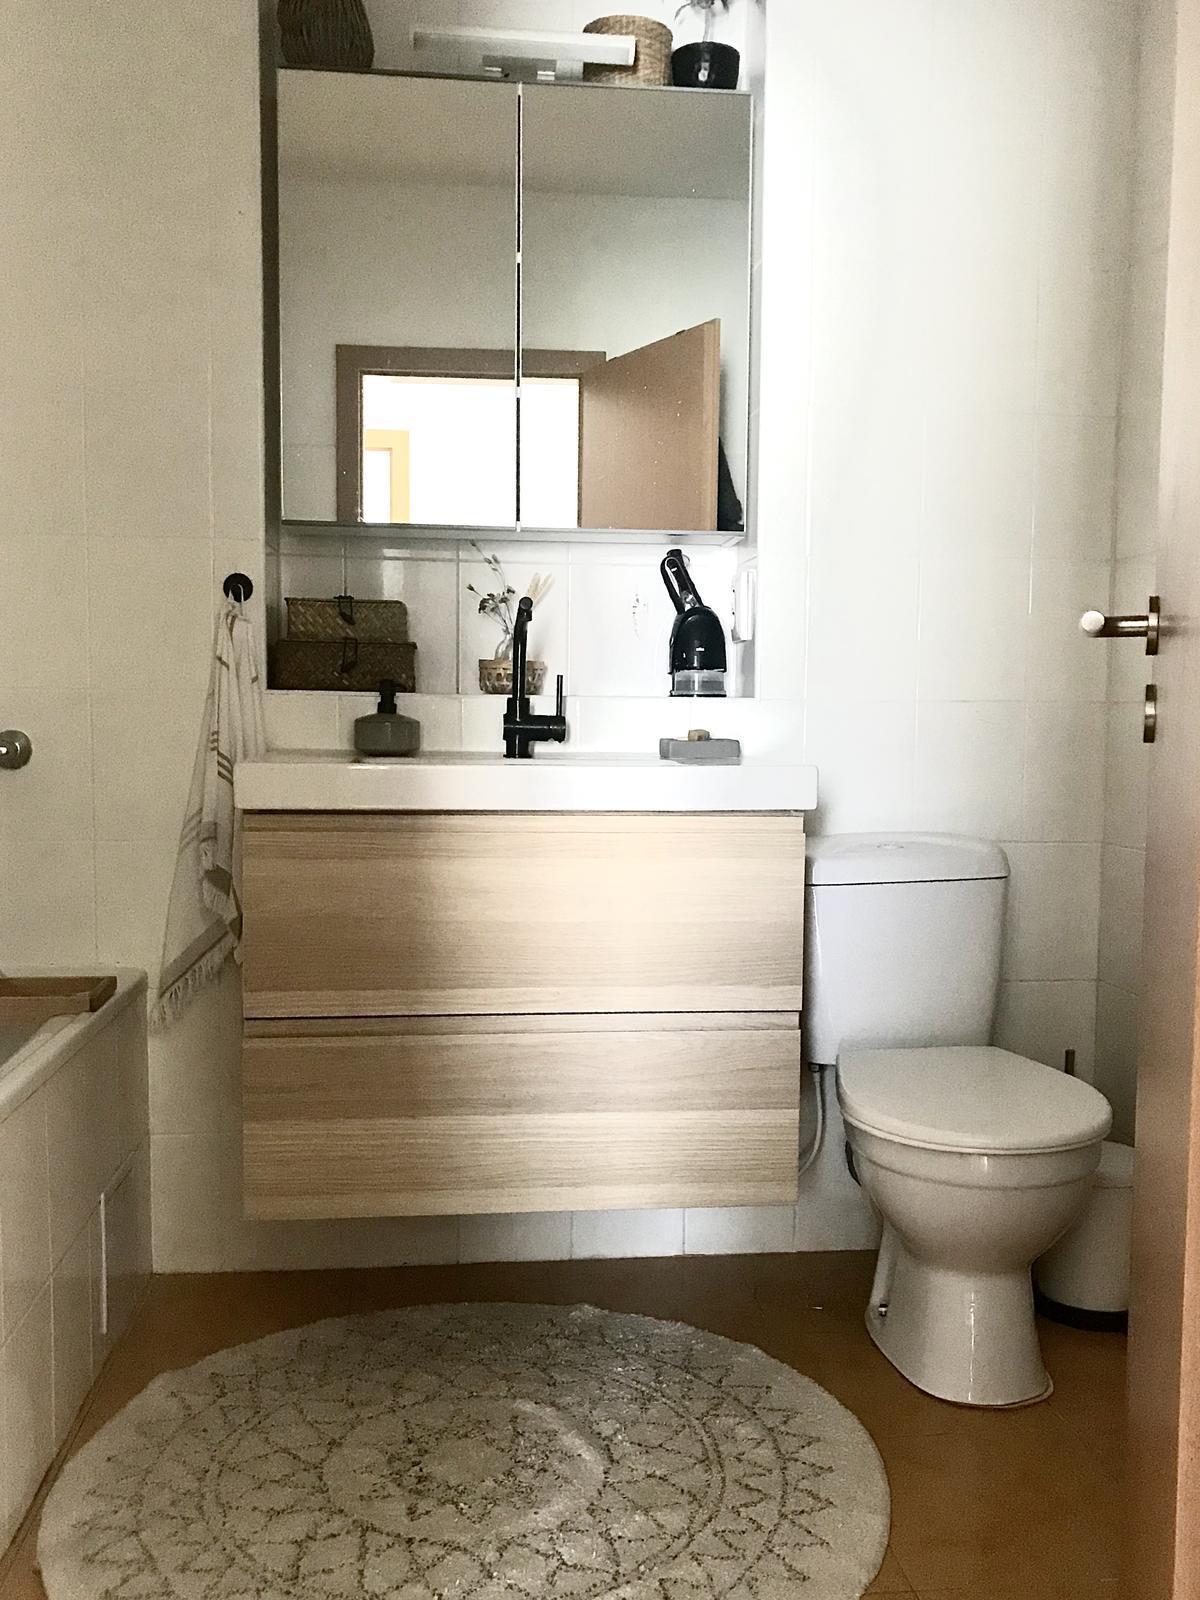 Z příšerné koupelny tvořím trochu lepší 💪 - Obrázek č. 39